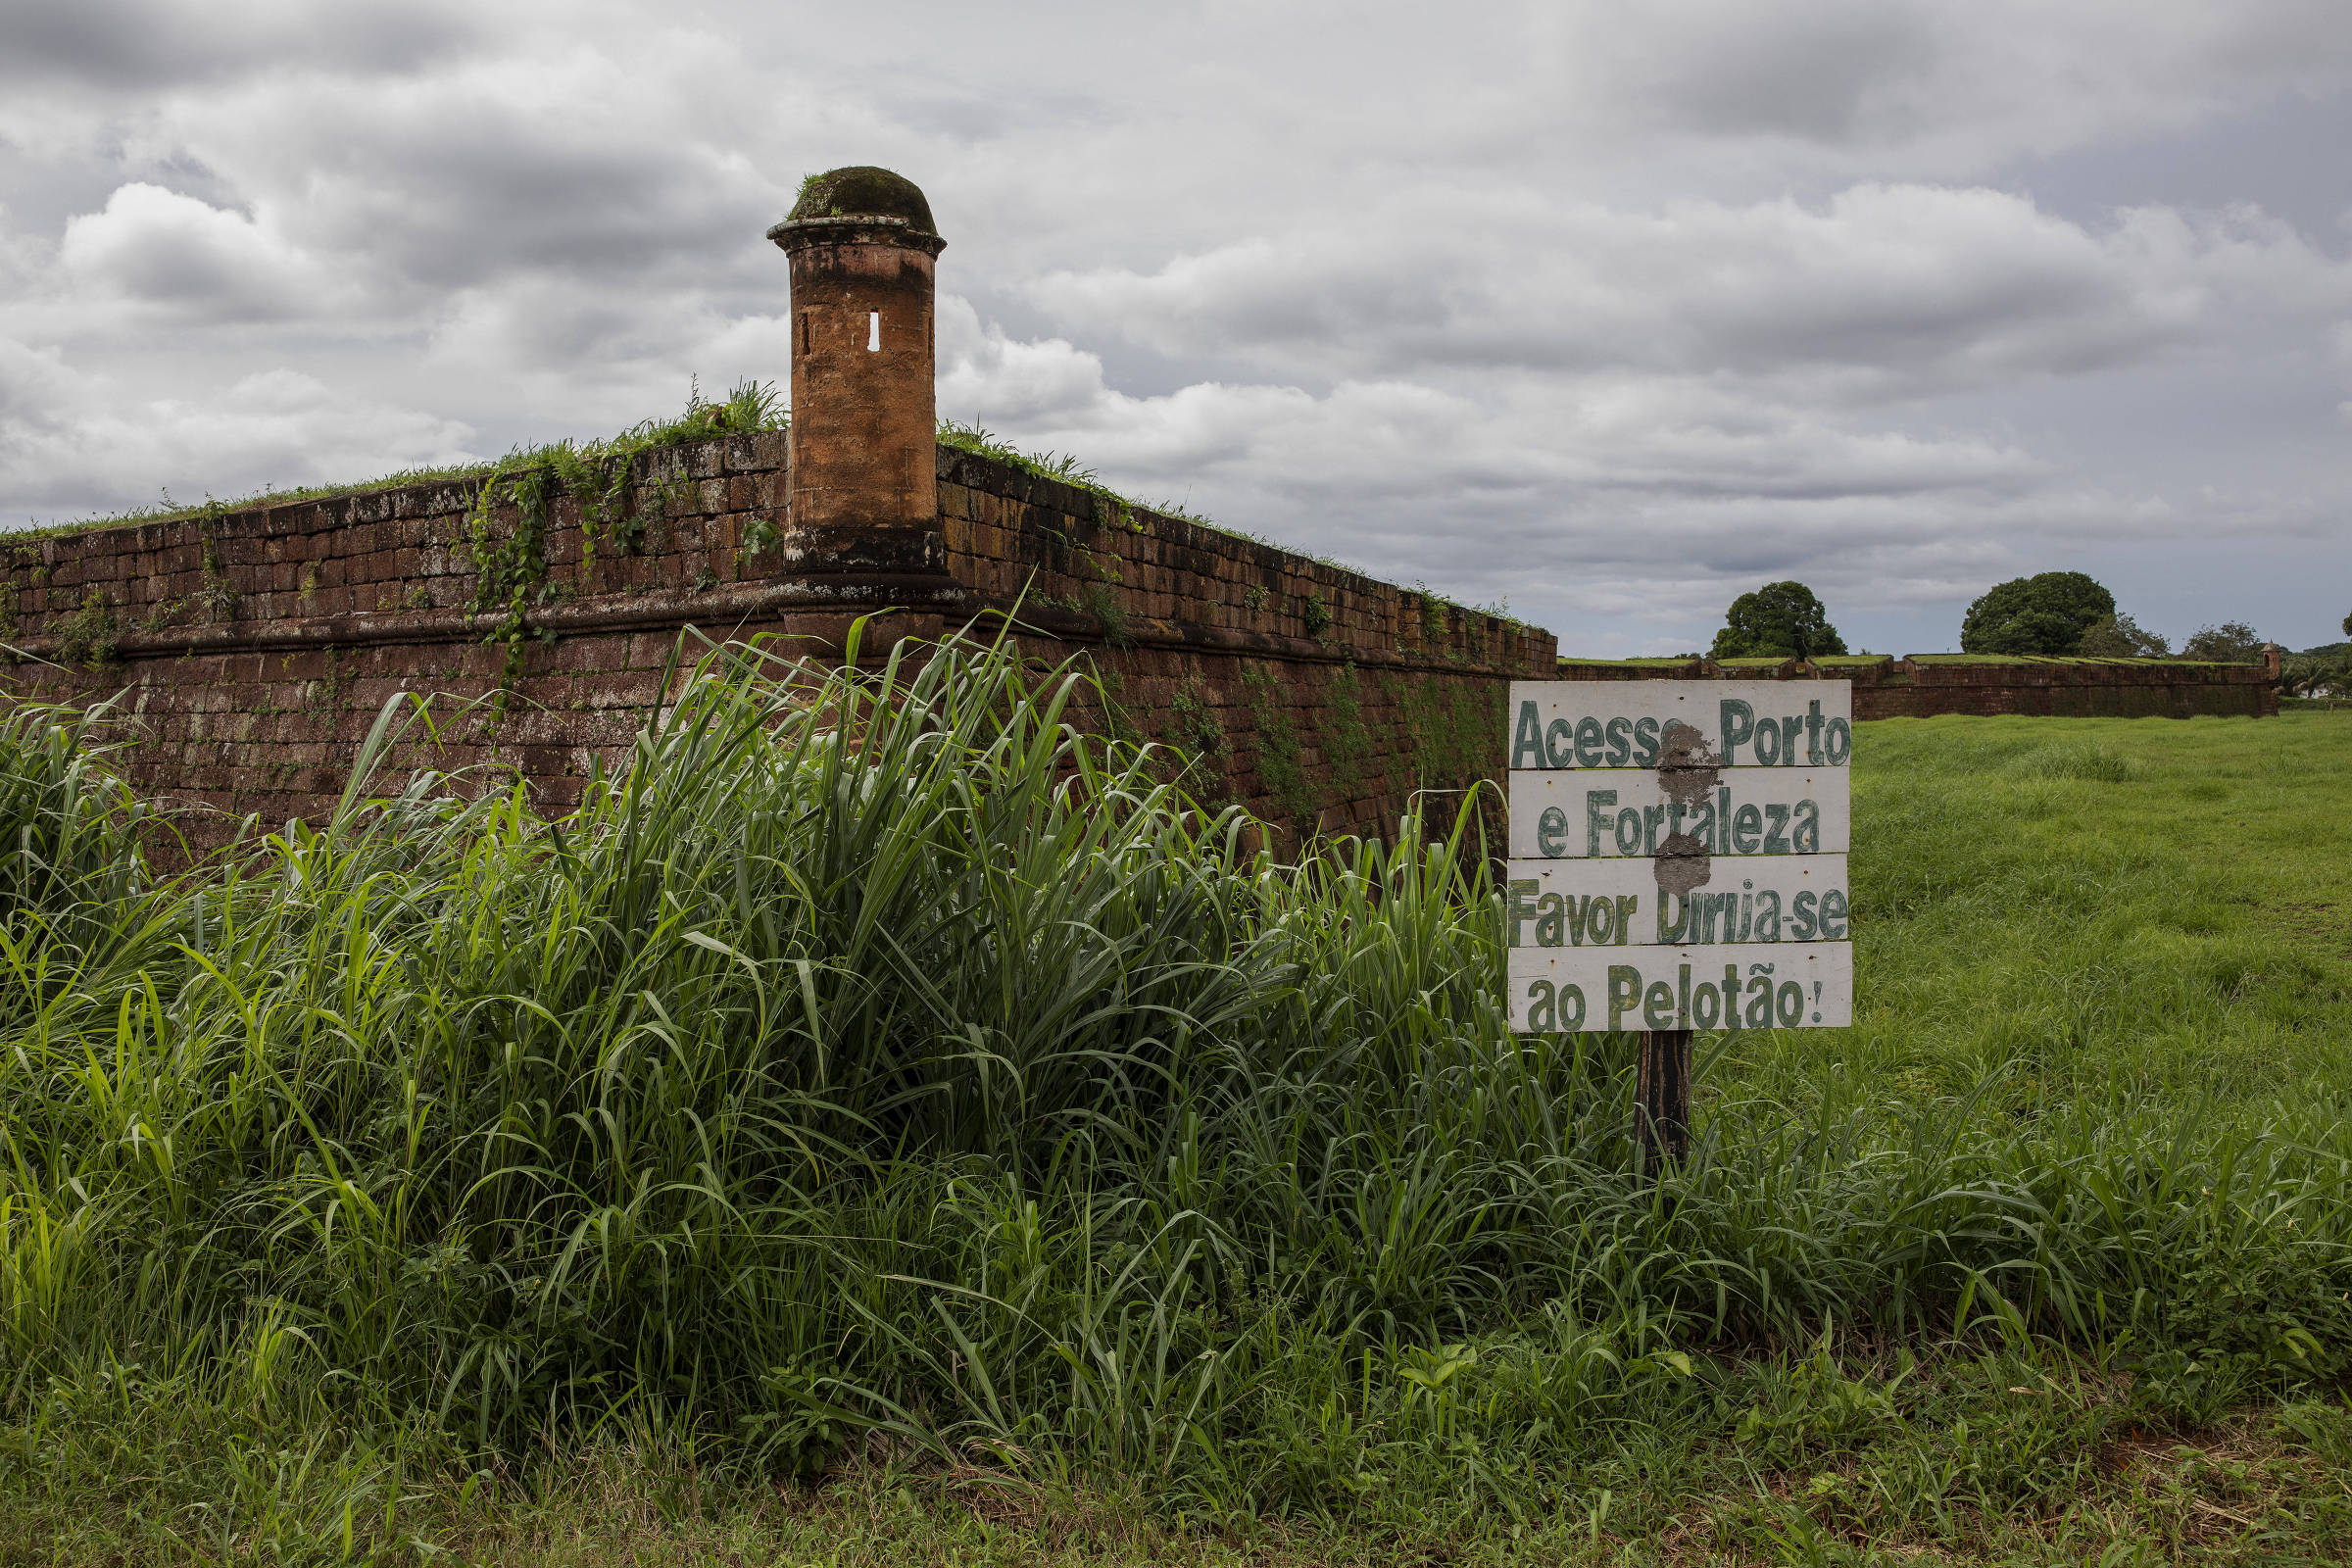 Placa ao lado do Real Forte Príncipe da Beira sinaliza a presença de um pelotão do Exerército ao lado da construção histórica